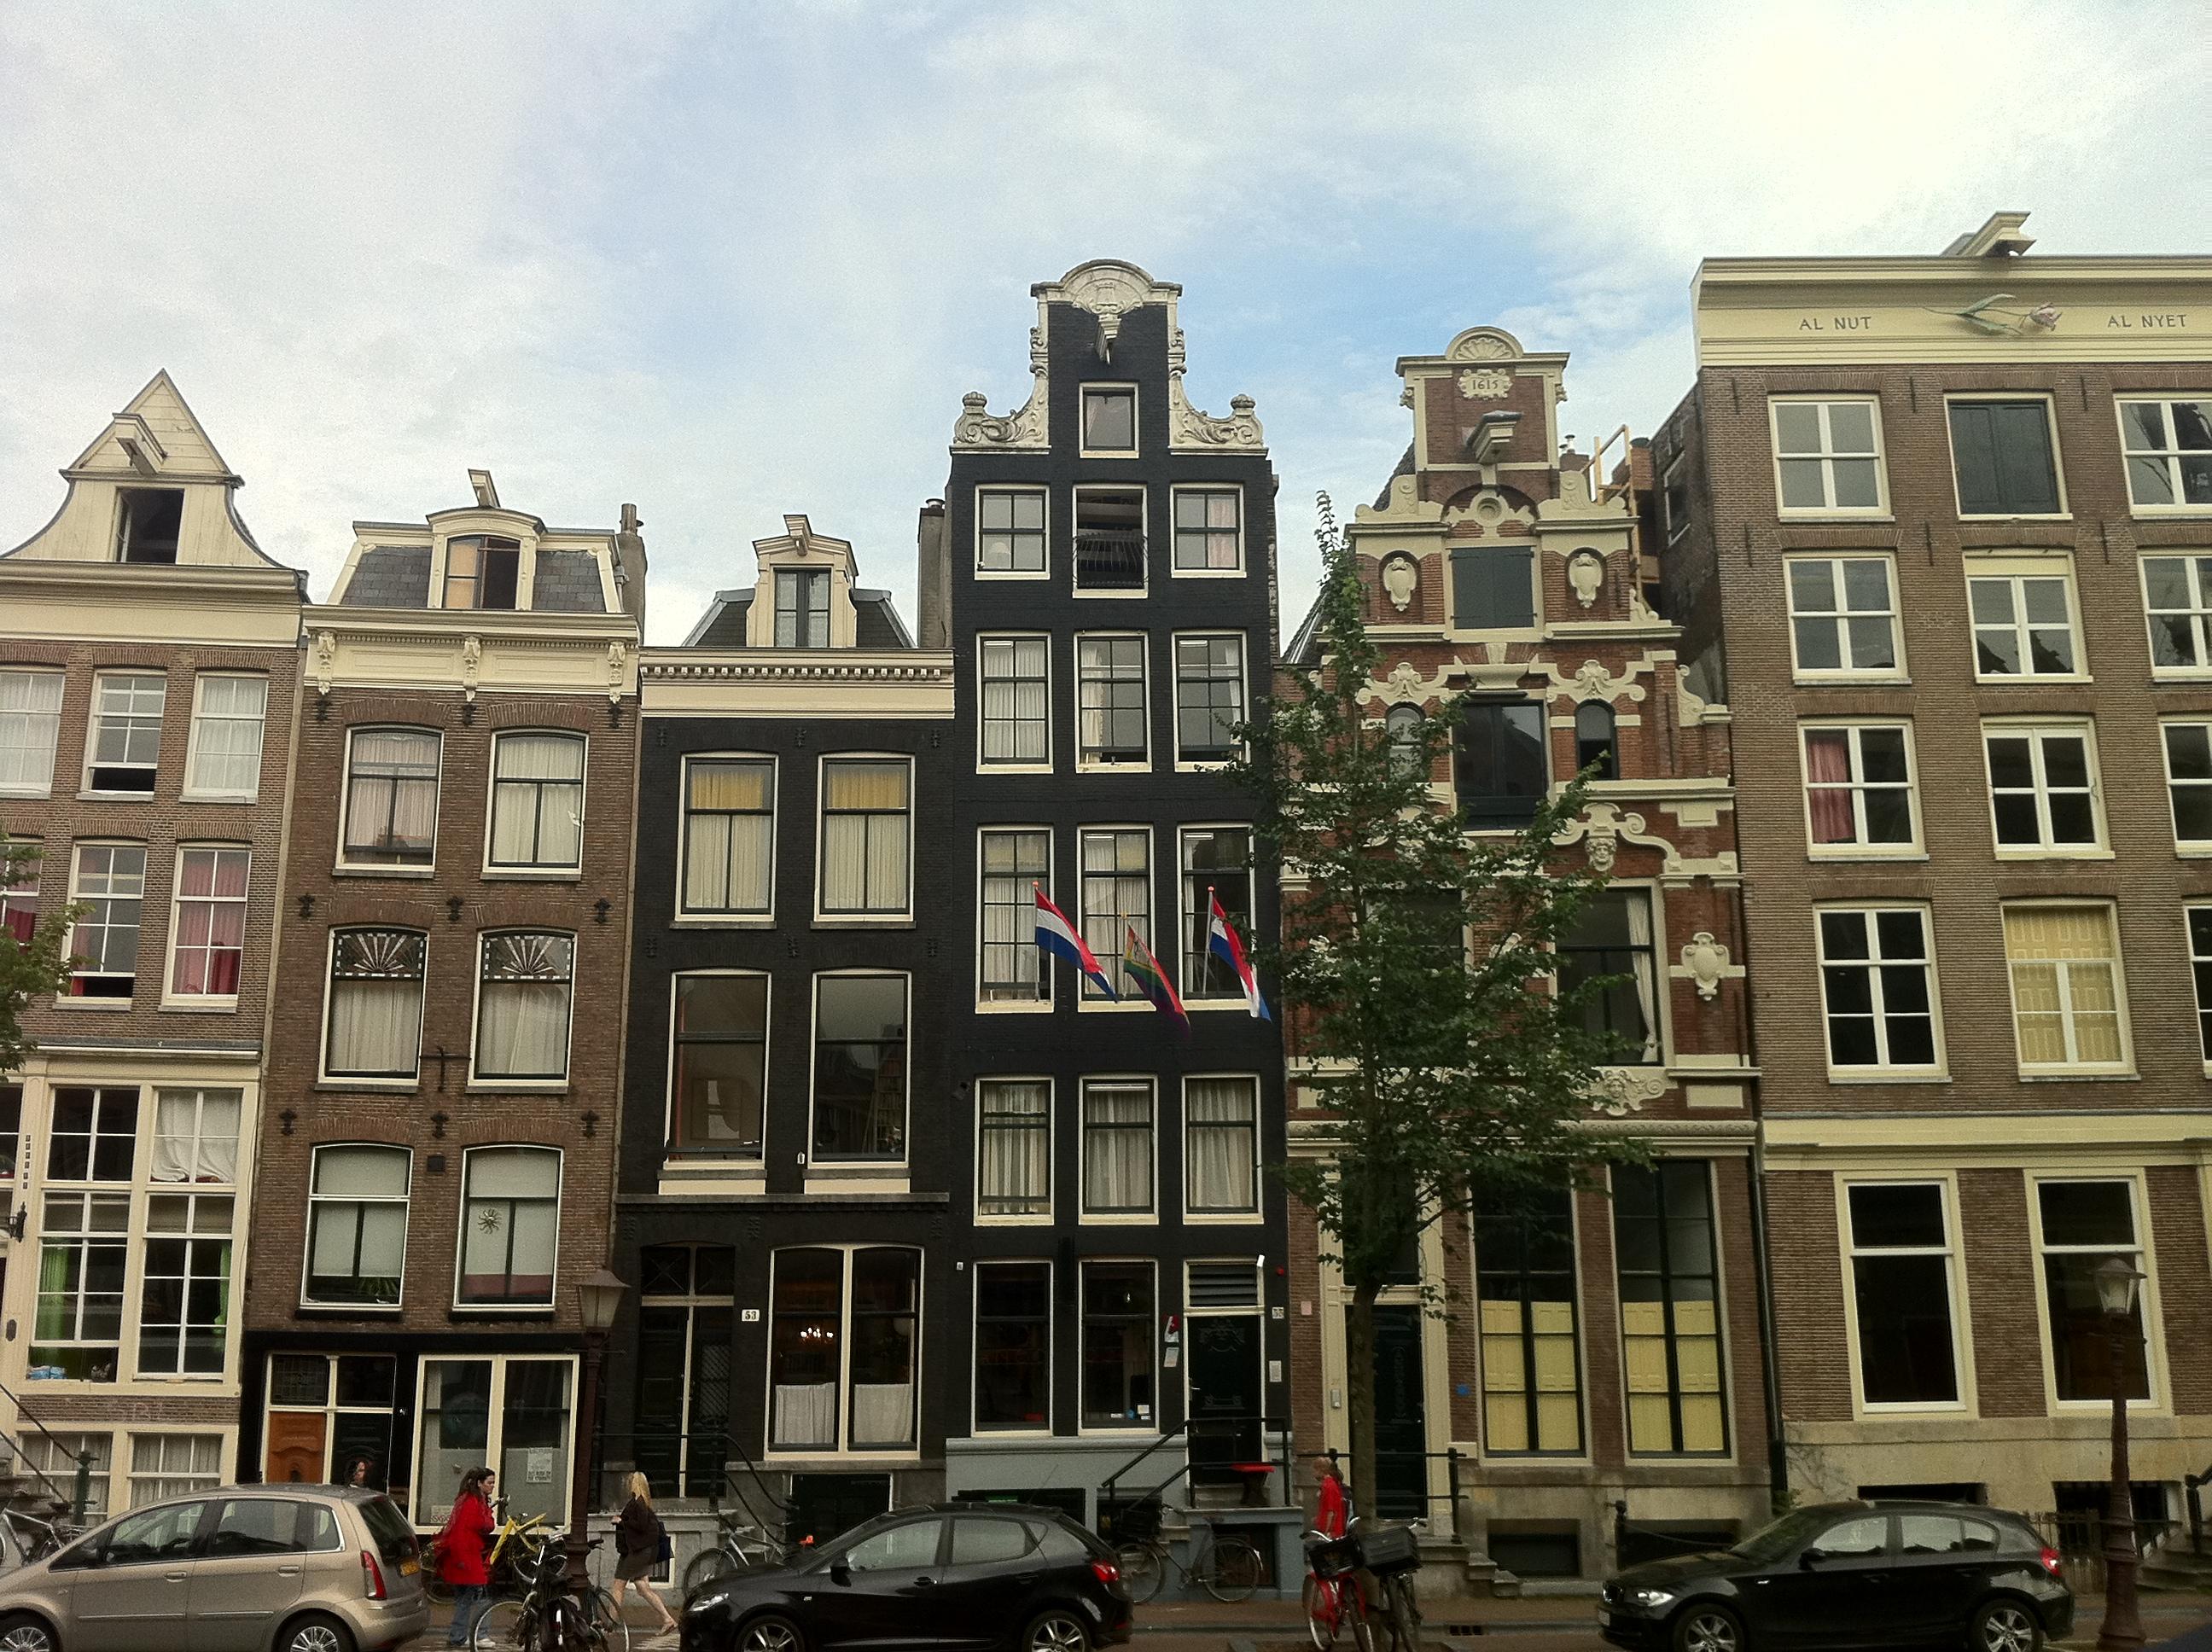 Fors huis met gevel onder rechte lijst in amsterdam monument - Huis gevel ...